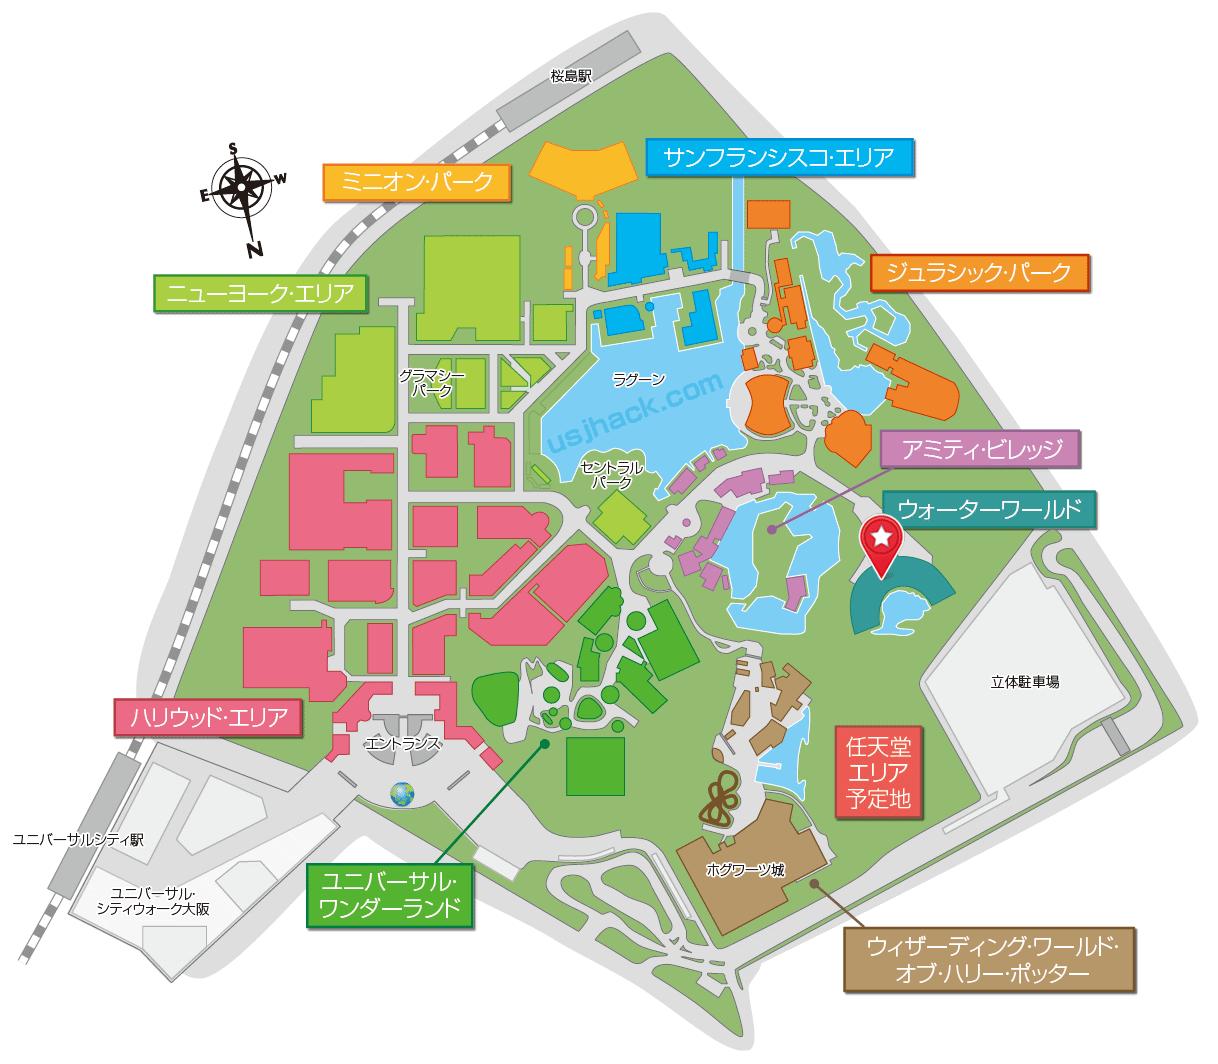 マップで確認するワンピースウォーターバトル2019の開催場所